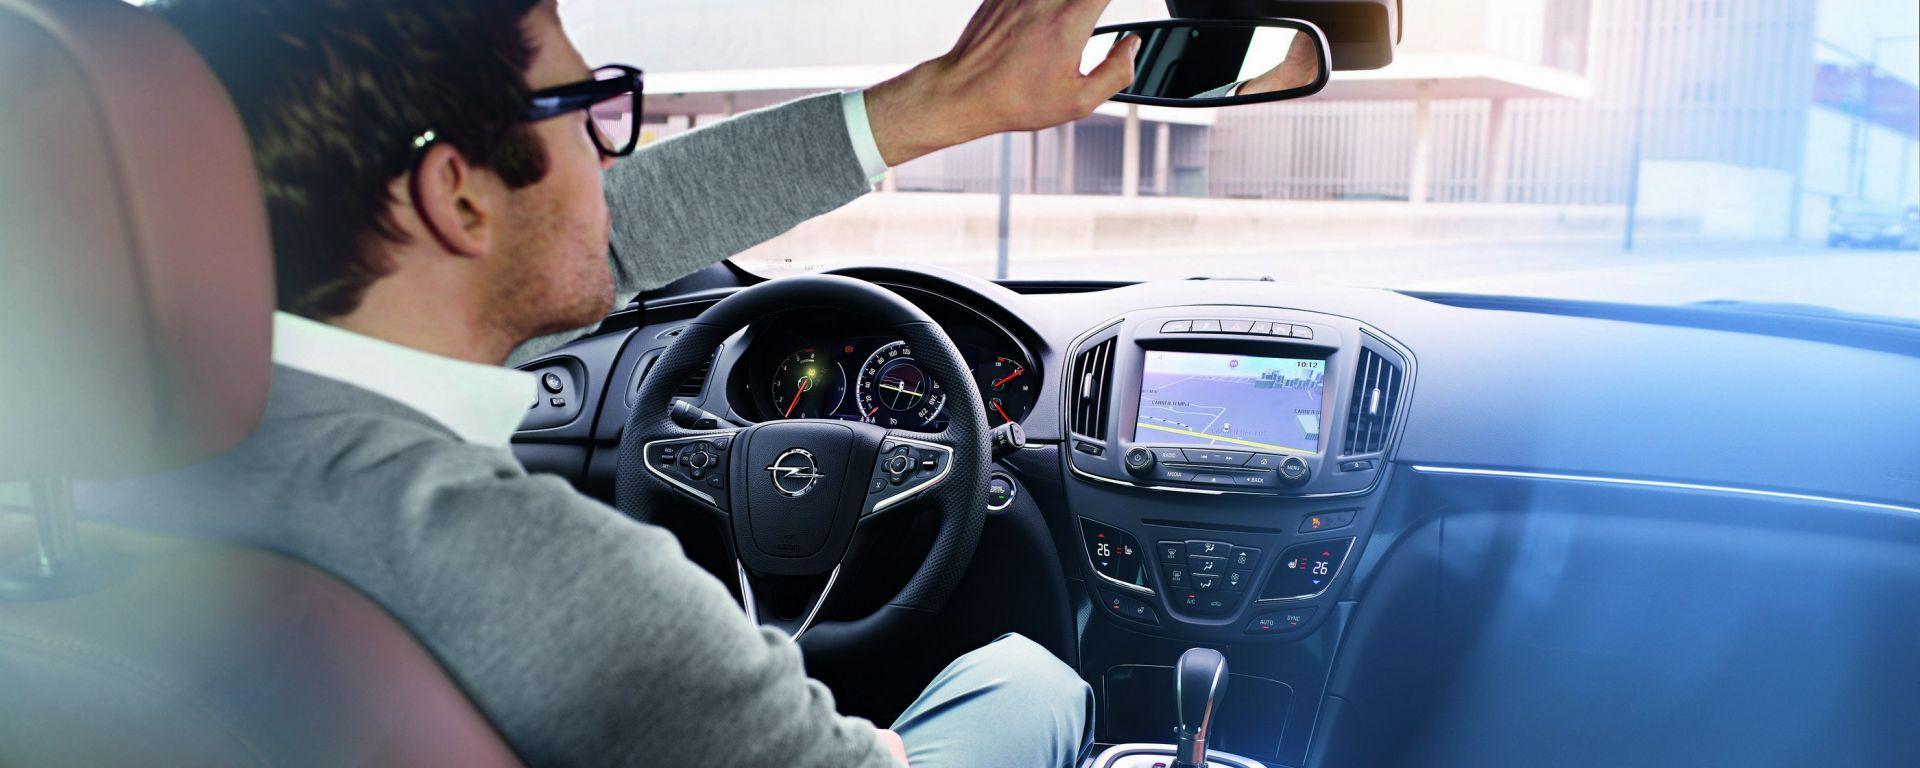 Opel OnStar, il telefono amico di chi guida